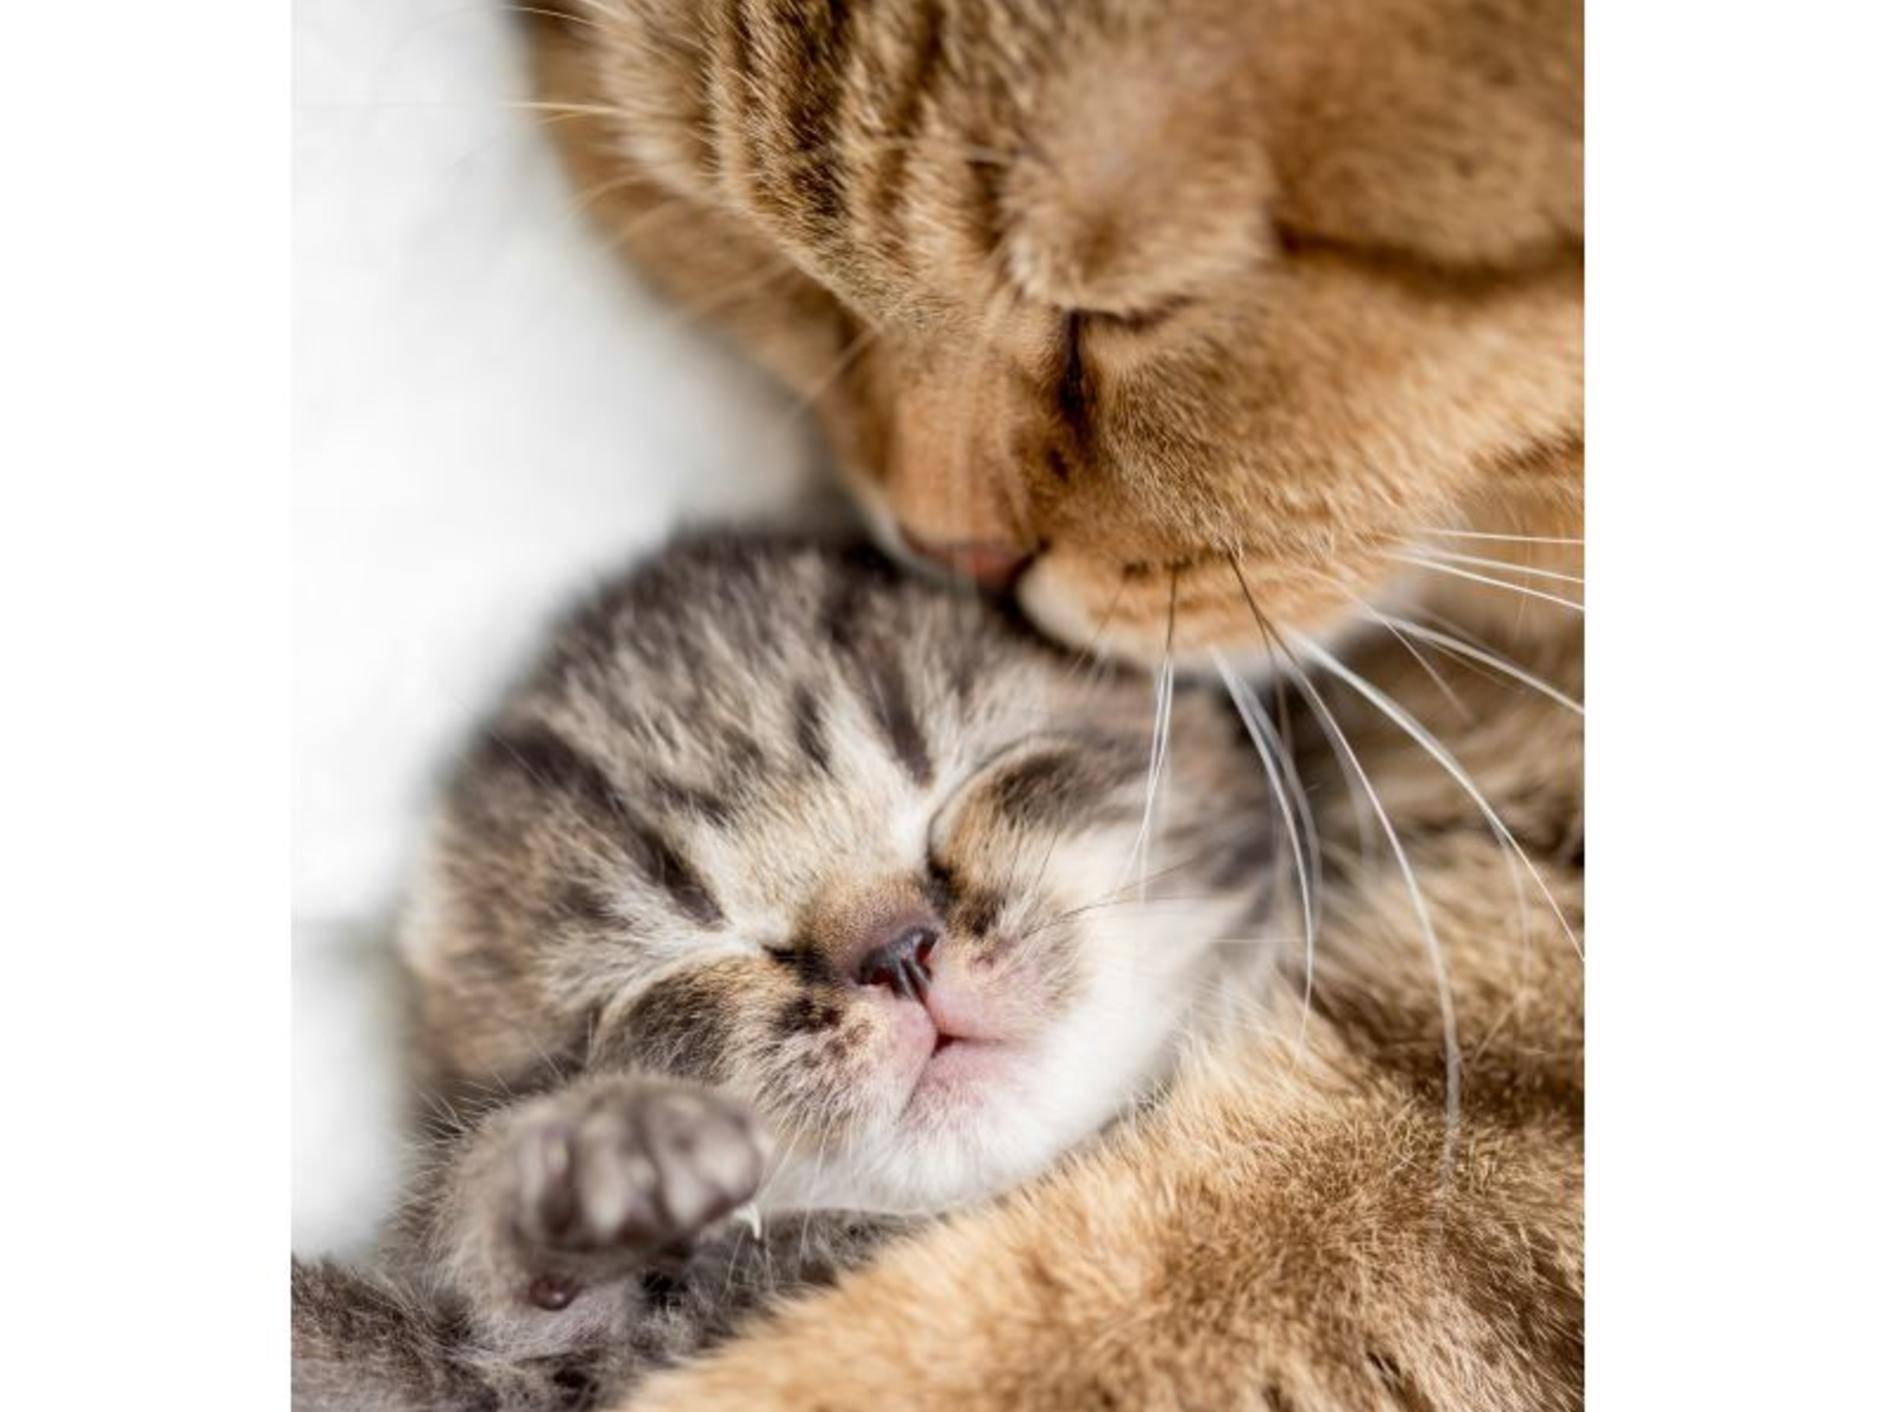 Pssst, nicht aufwecken: Dieses kleine Katzenbaby braucht seinen Schlaf um groß und stark zu werden – Bild: Shutterstock / Andrey_Kuzmin